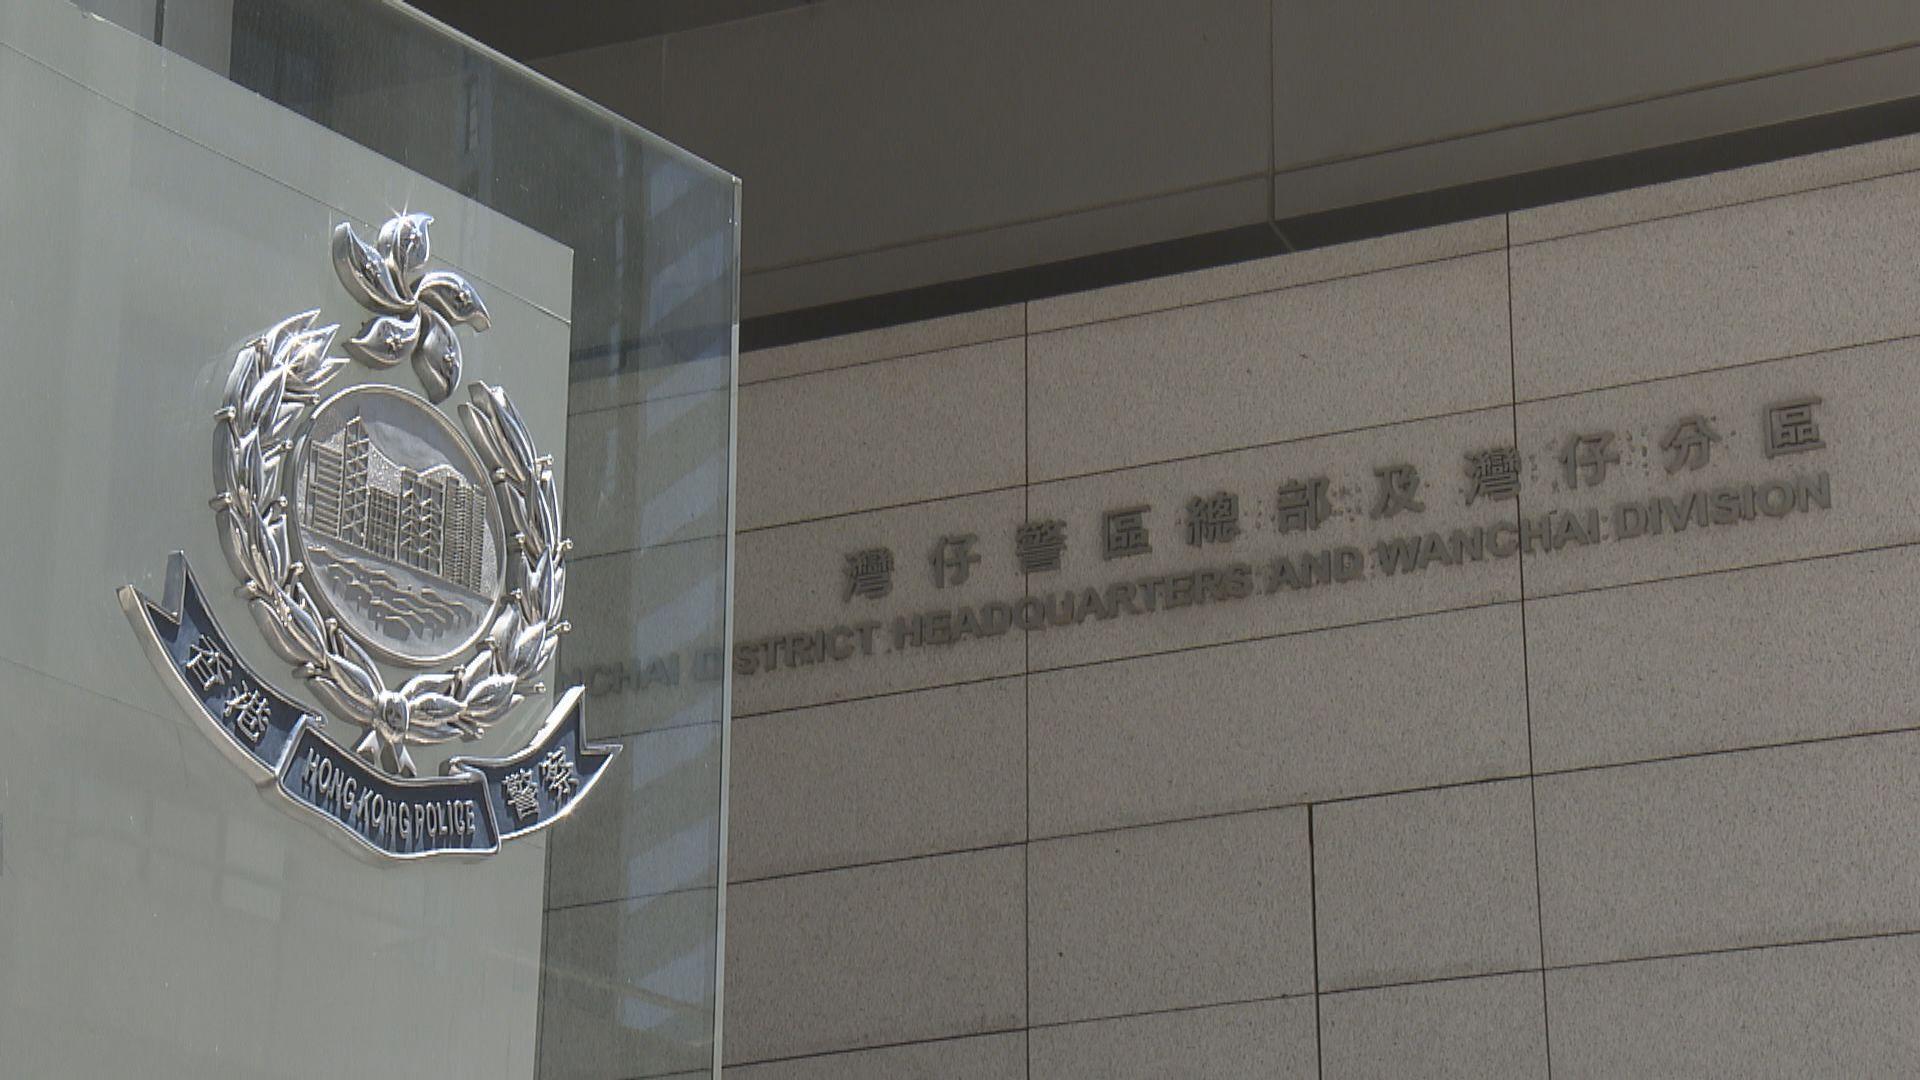 90歲老婦被騙2.5億元 警拘一名19歲男子